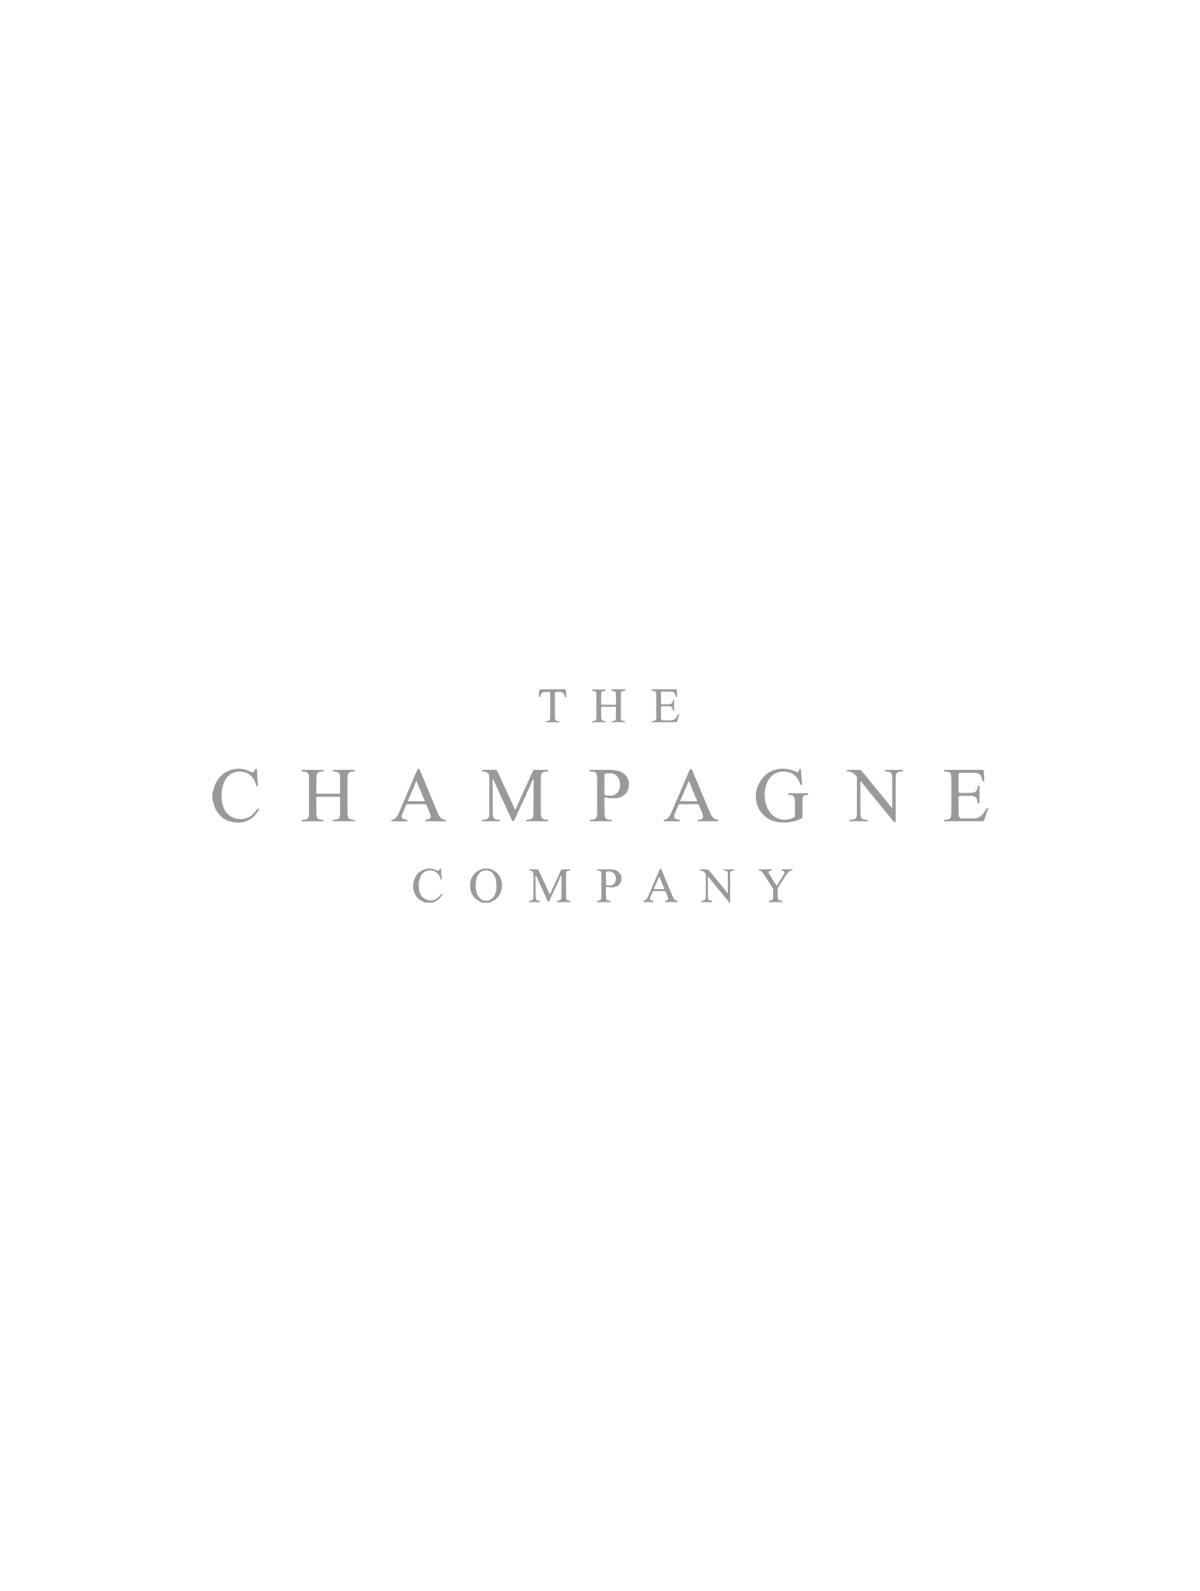 Scavi & Ray Prosecco Spumante Magnum 150cl Gift Box